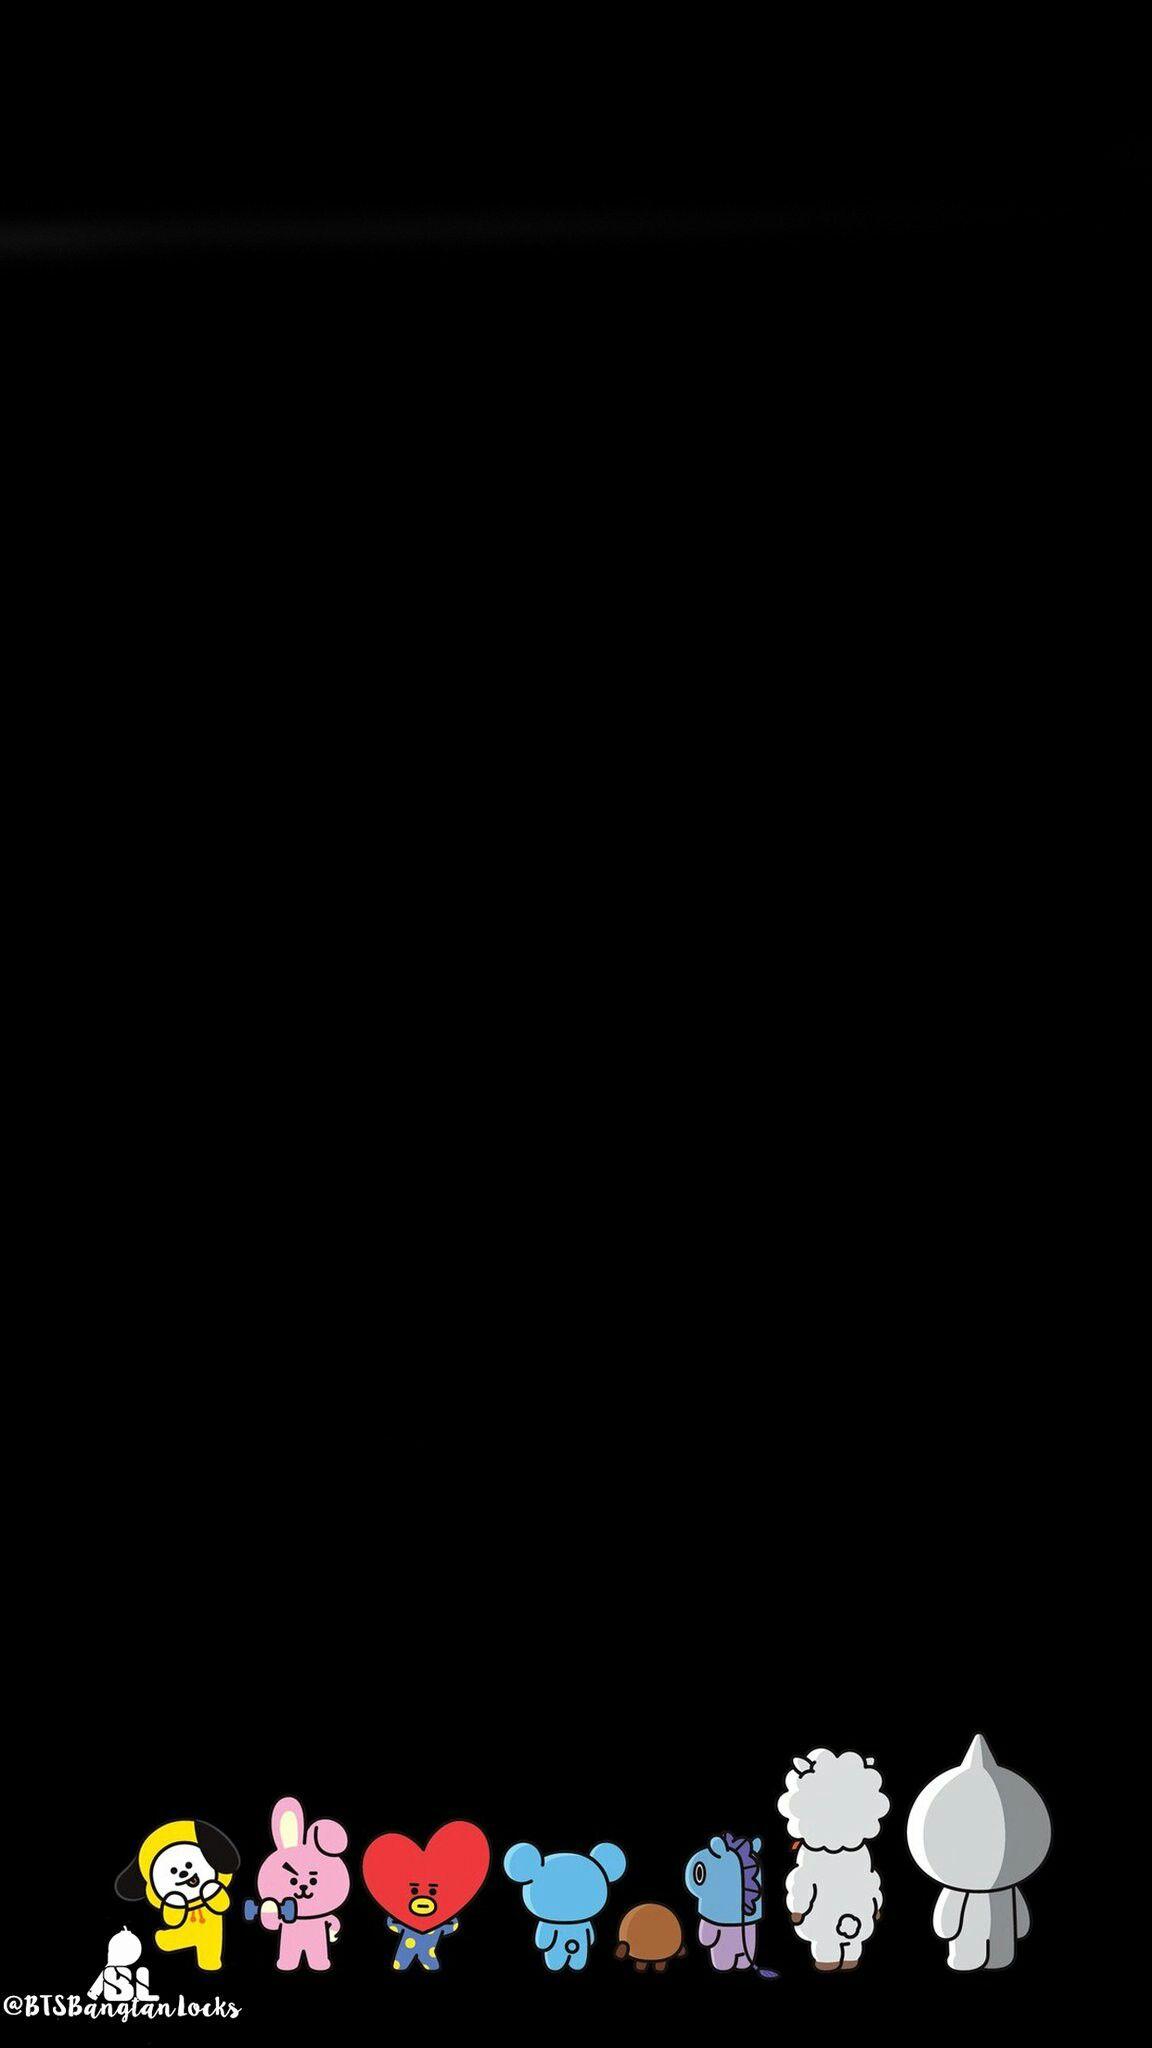 afbf50416cf2cf42fccf9a2057c49c18